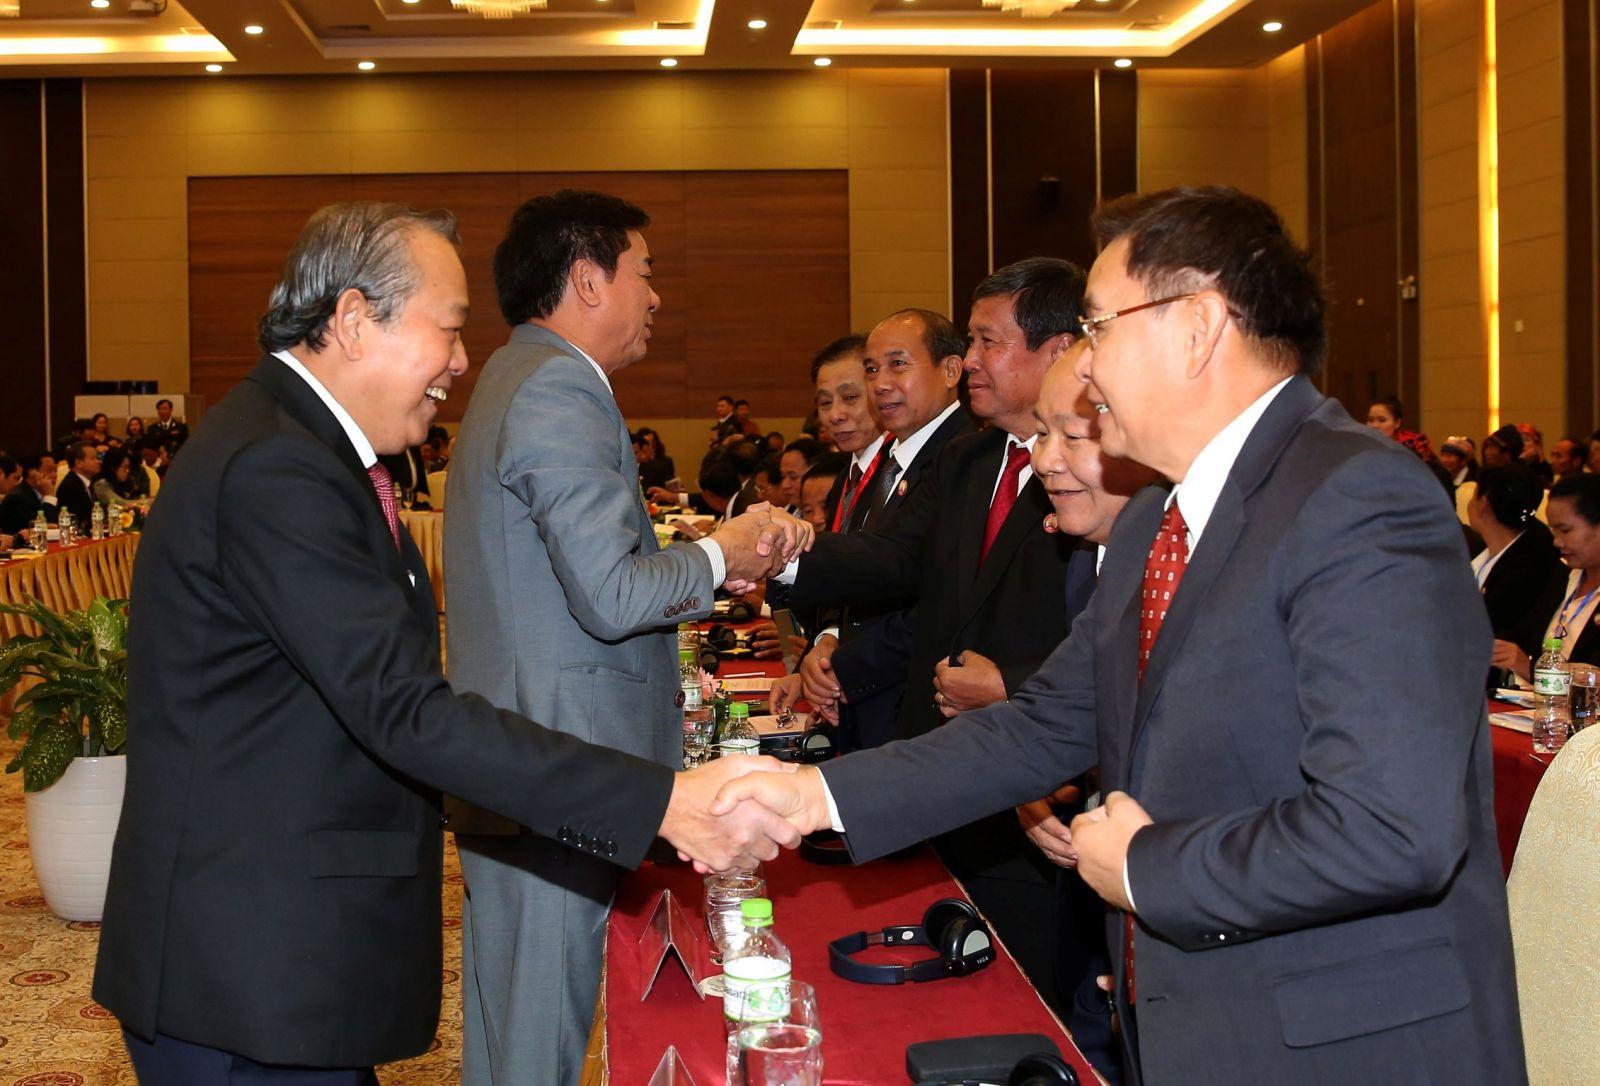 Phó Thủ tướng Thường trực Chính phủ Trương Hòa Bình cùng các đại biểu dự hội thảo. Ảnh VGP/Lê Sơn